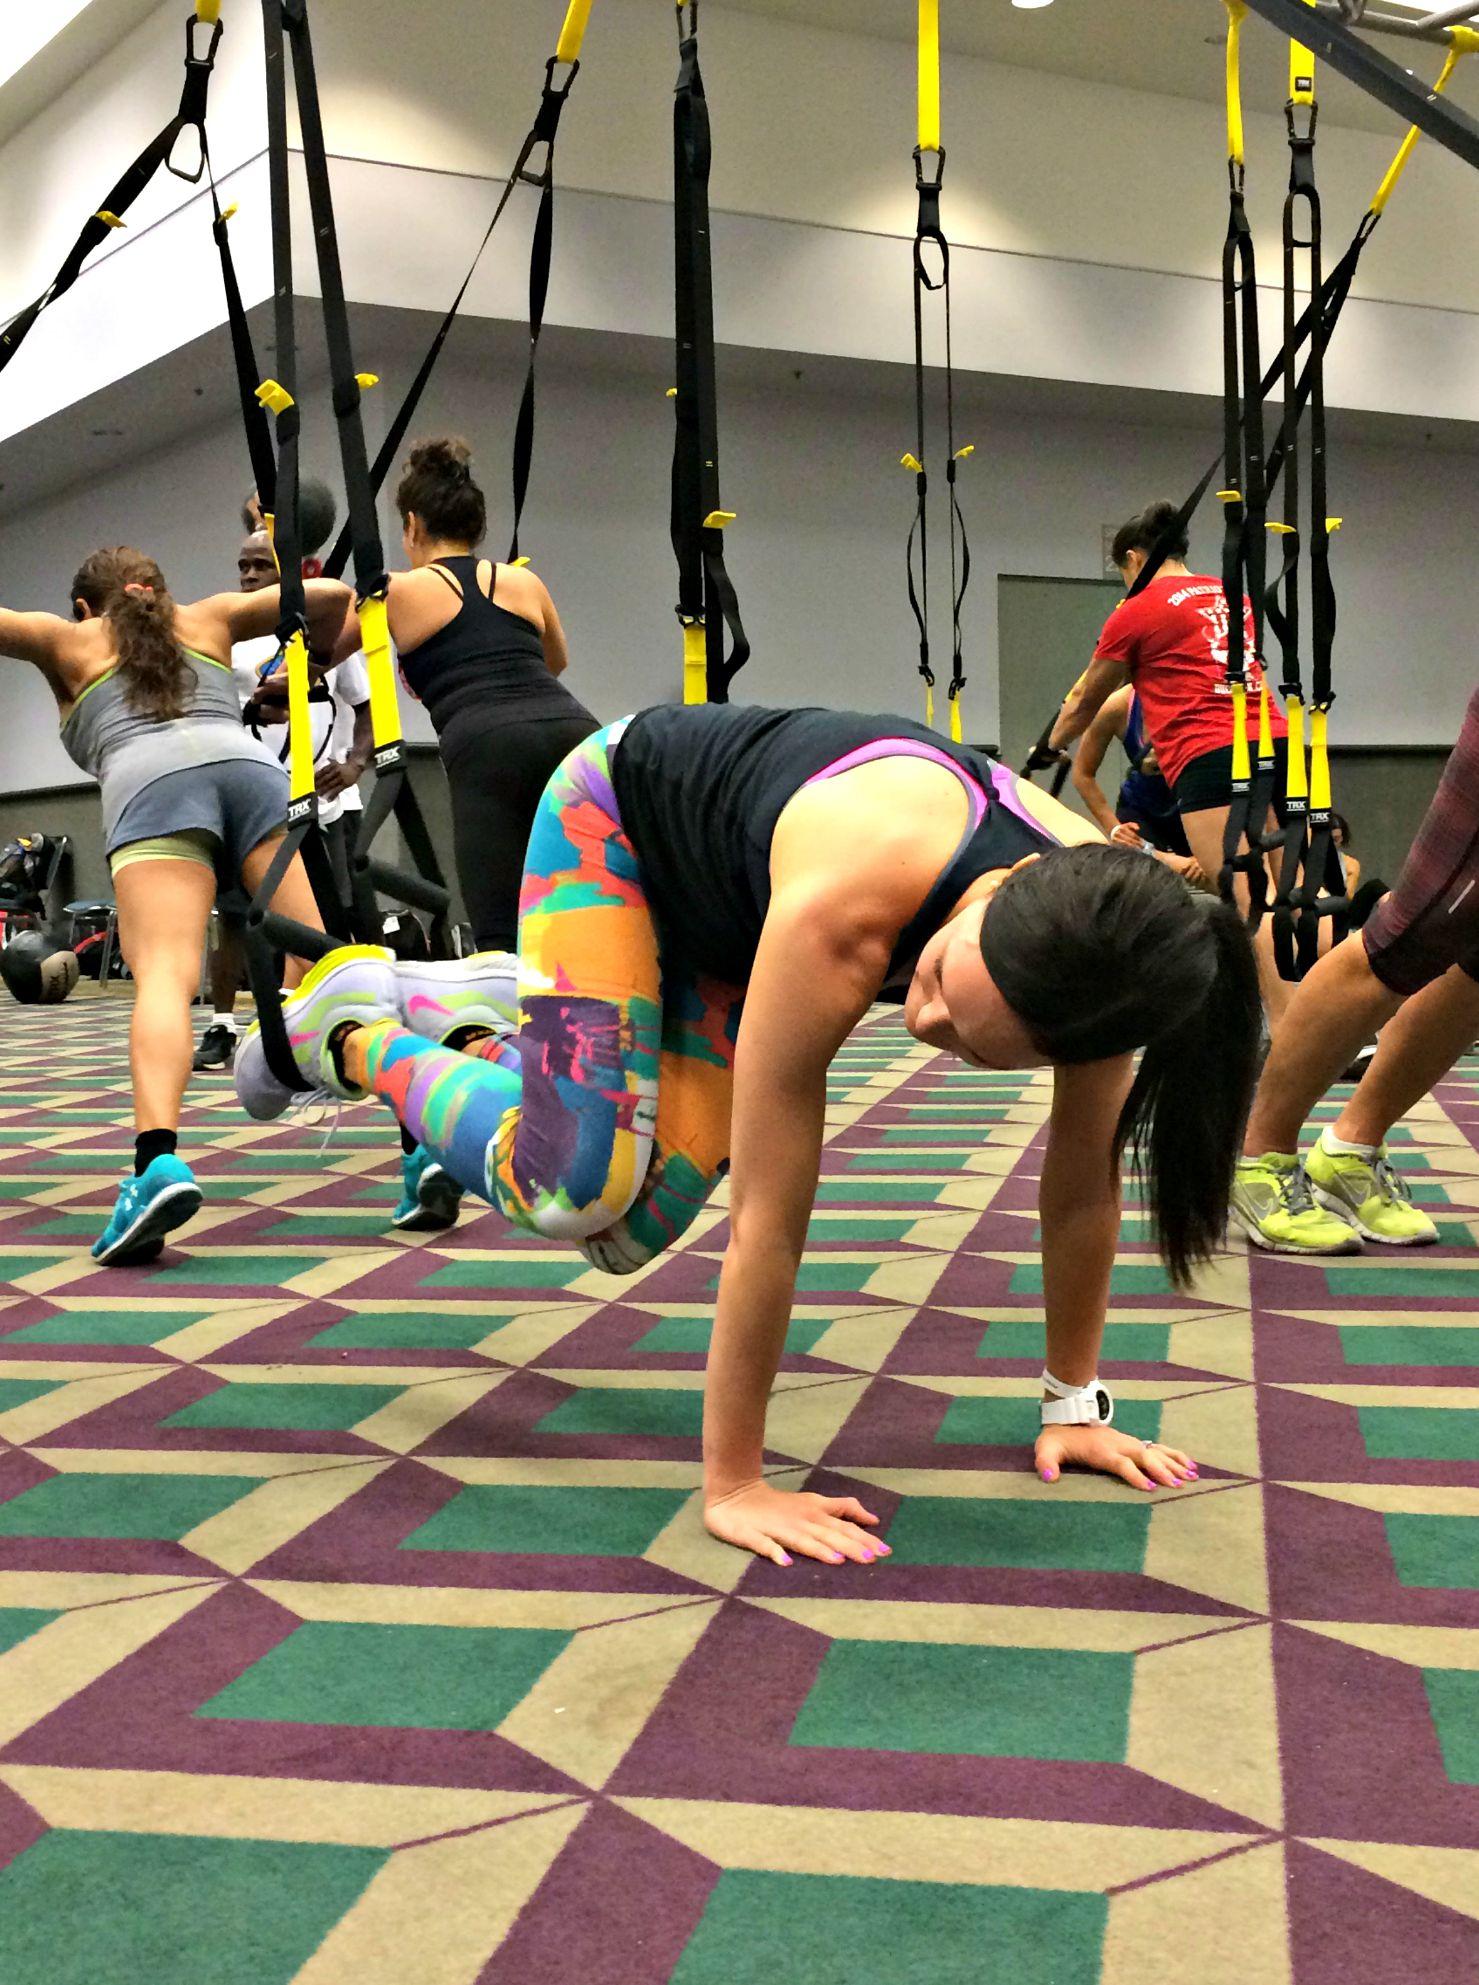 TRX oblique exercise